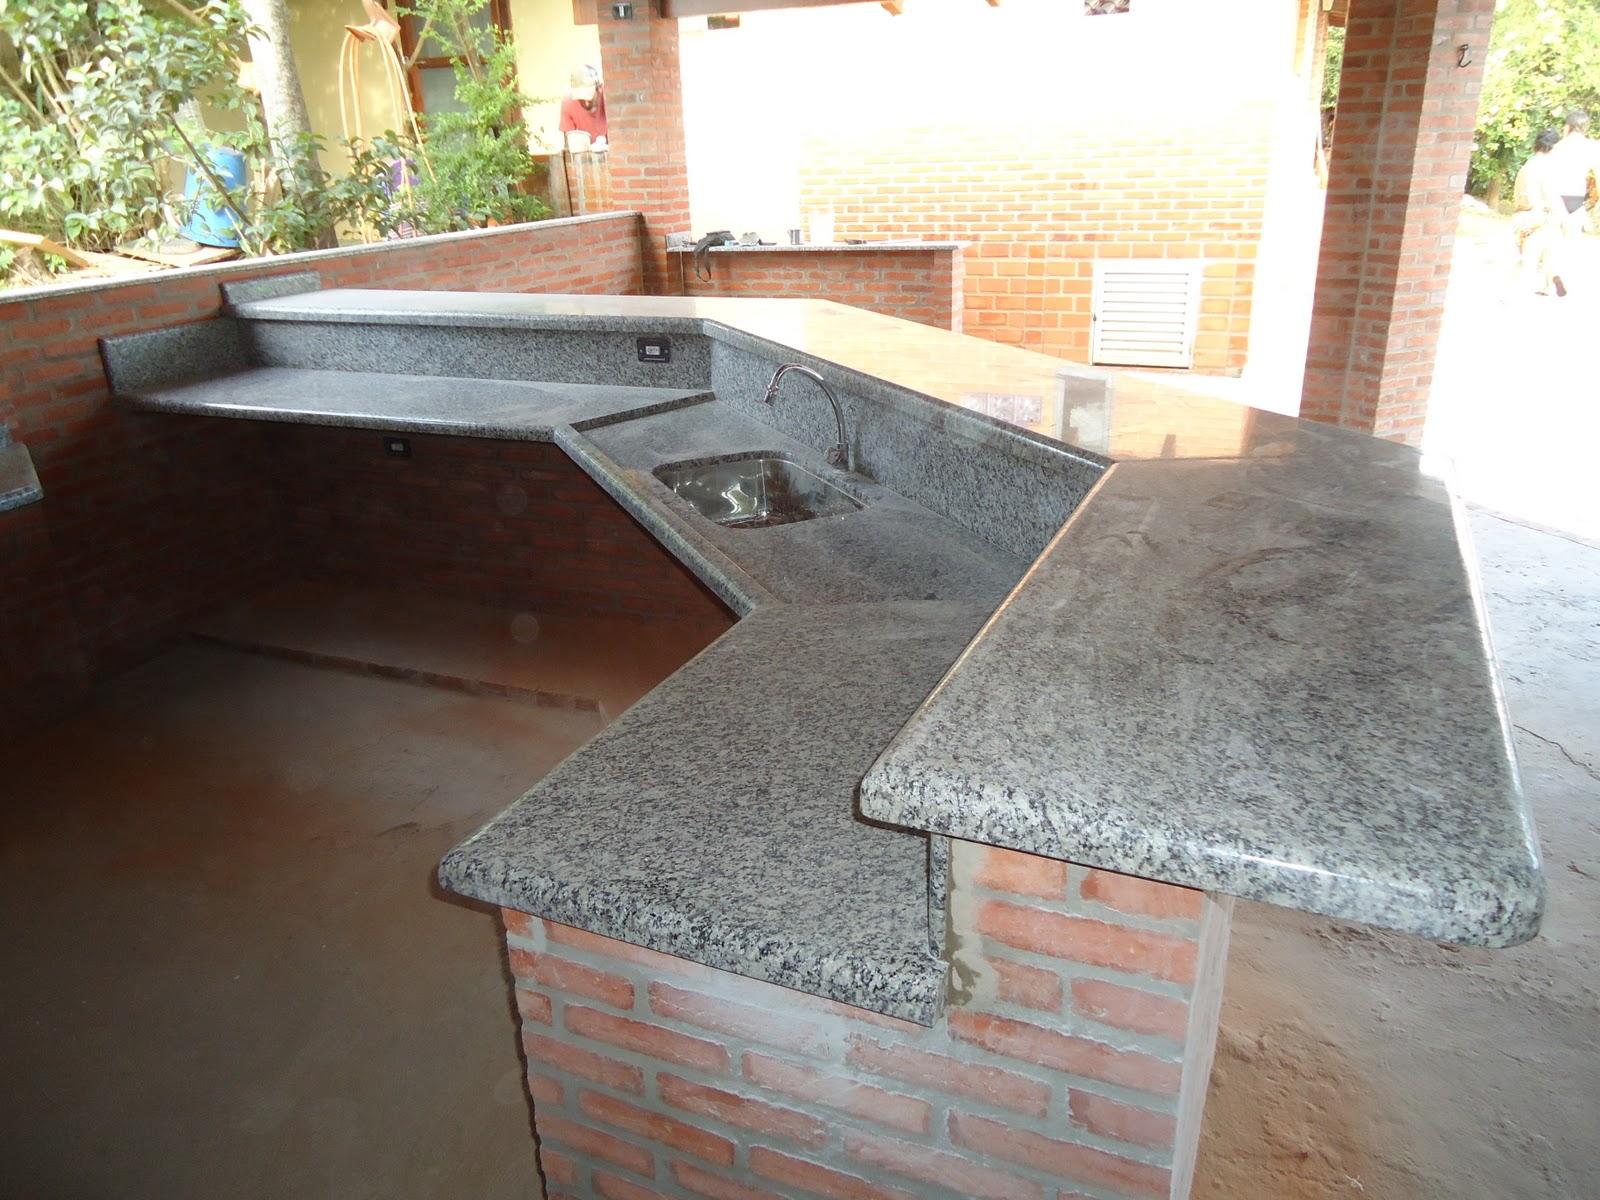 MÁRMORES E GRANITOS: Cozinhas e Balcões #917C3A 1600x1200 Balcão Para Banheiro De Granito